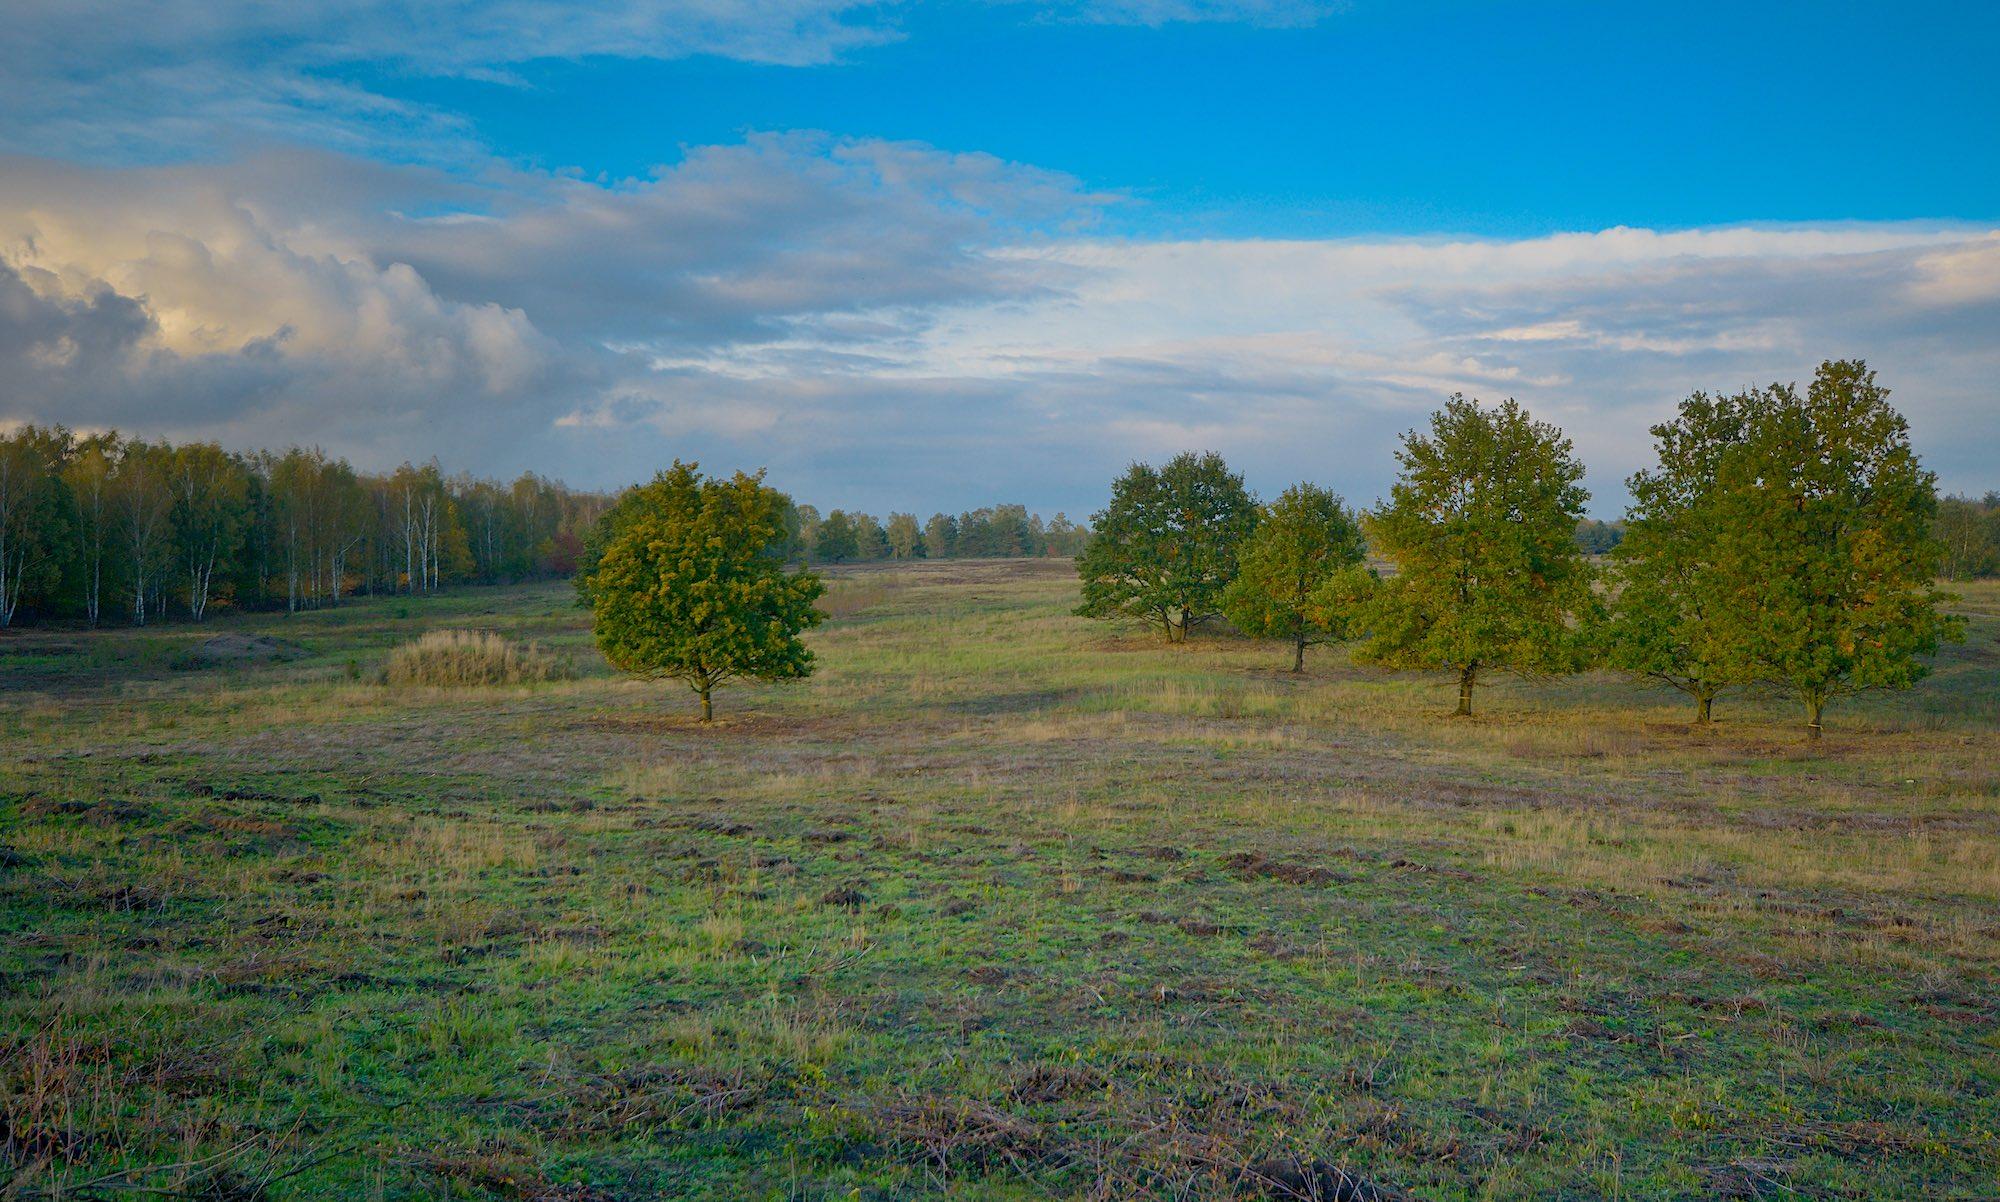 Döberitzer Heide i den nordøstlige ende af det knap 50 kvadratkilometer store naturområde (foto: Rune Engelbreth Larsen)